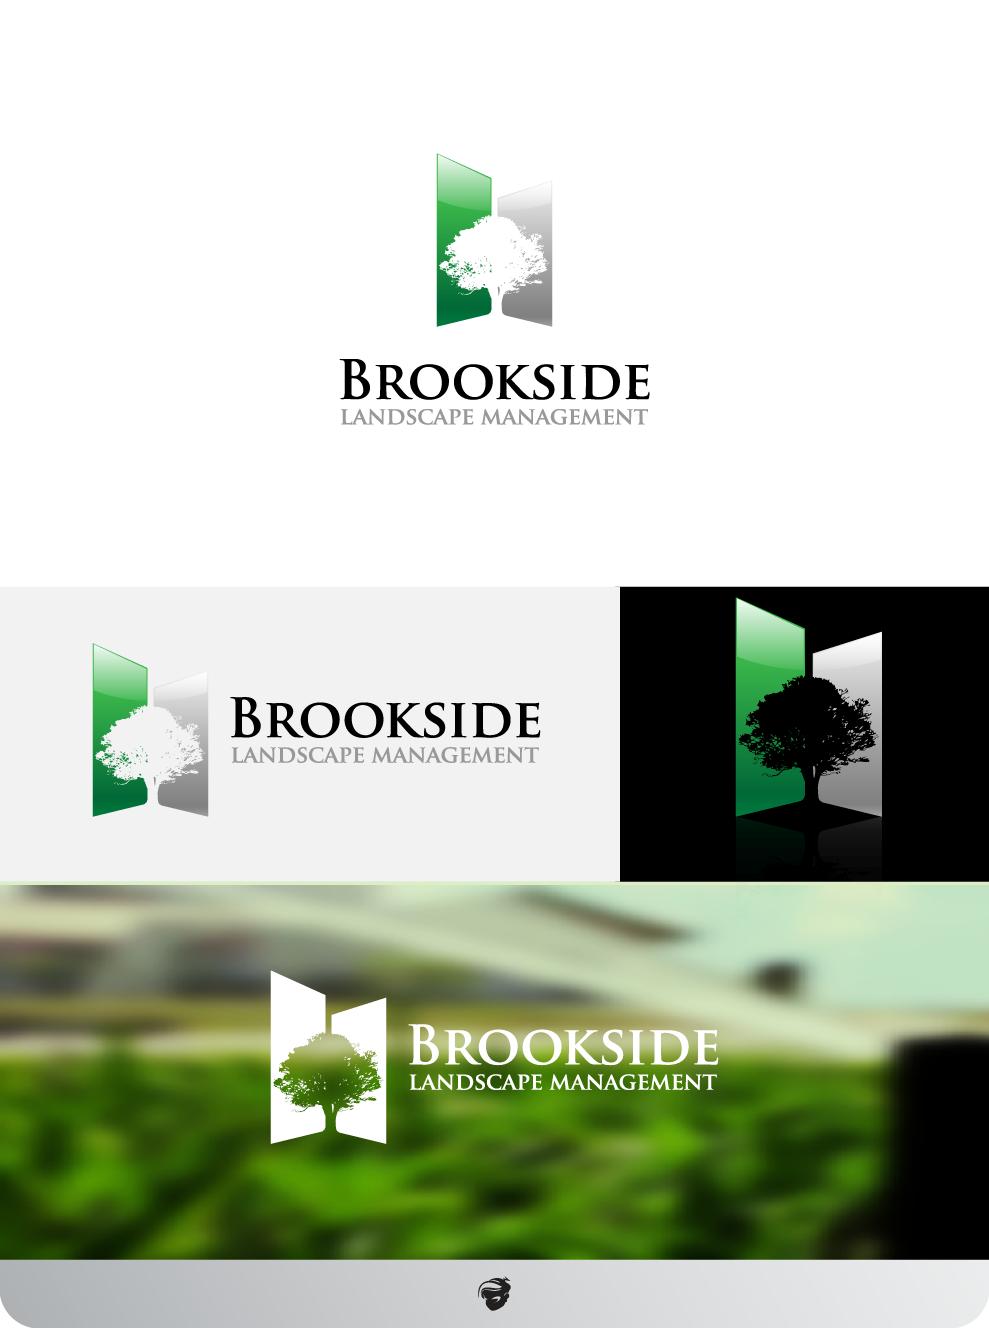 Logo Design by zesthar - Entry No. 180 in the Logo Design Contest New Logo Design for Brookside Landscape Management.